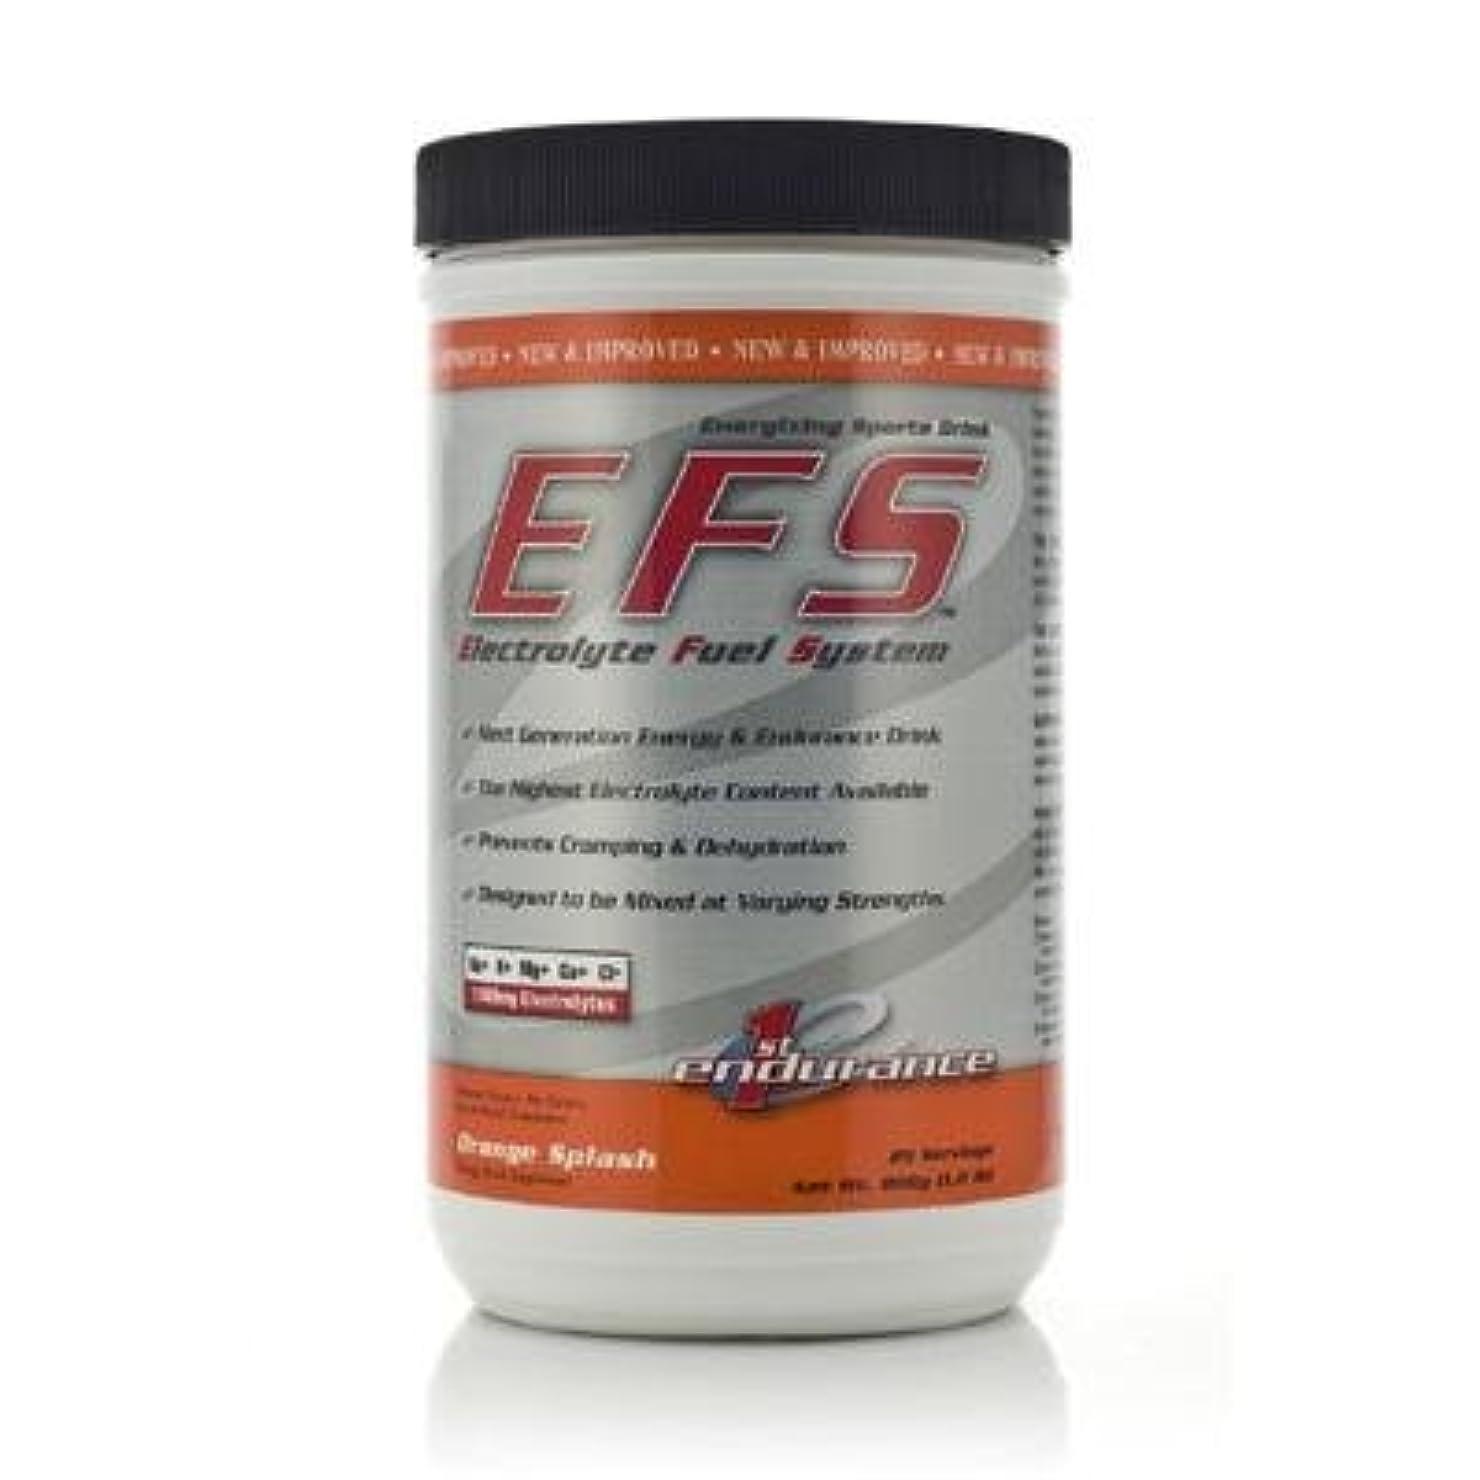 1ST ENDURANCE EFS エレクトライト フューエルシステム オレンジスプラッシュ 816g